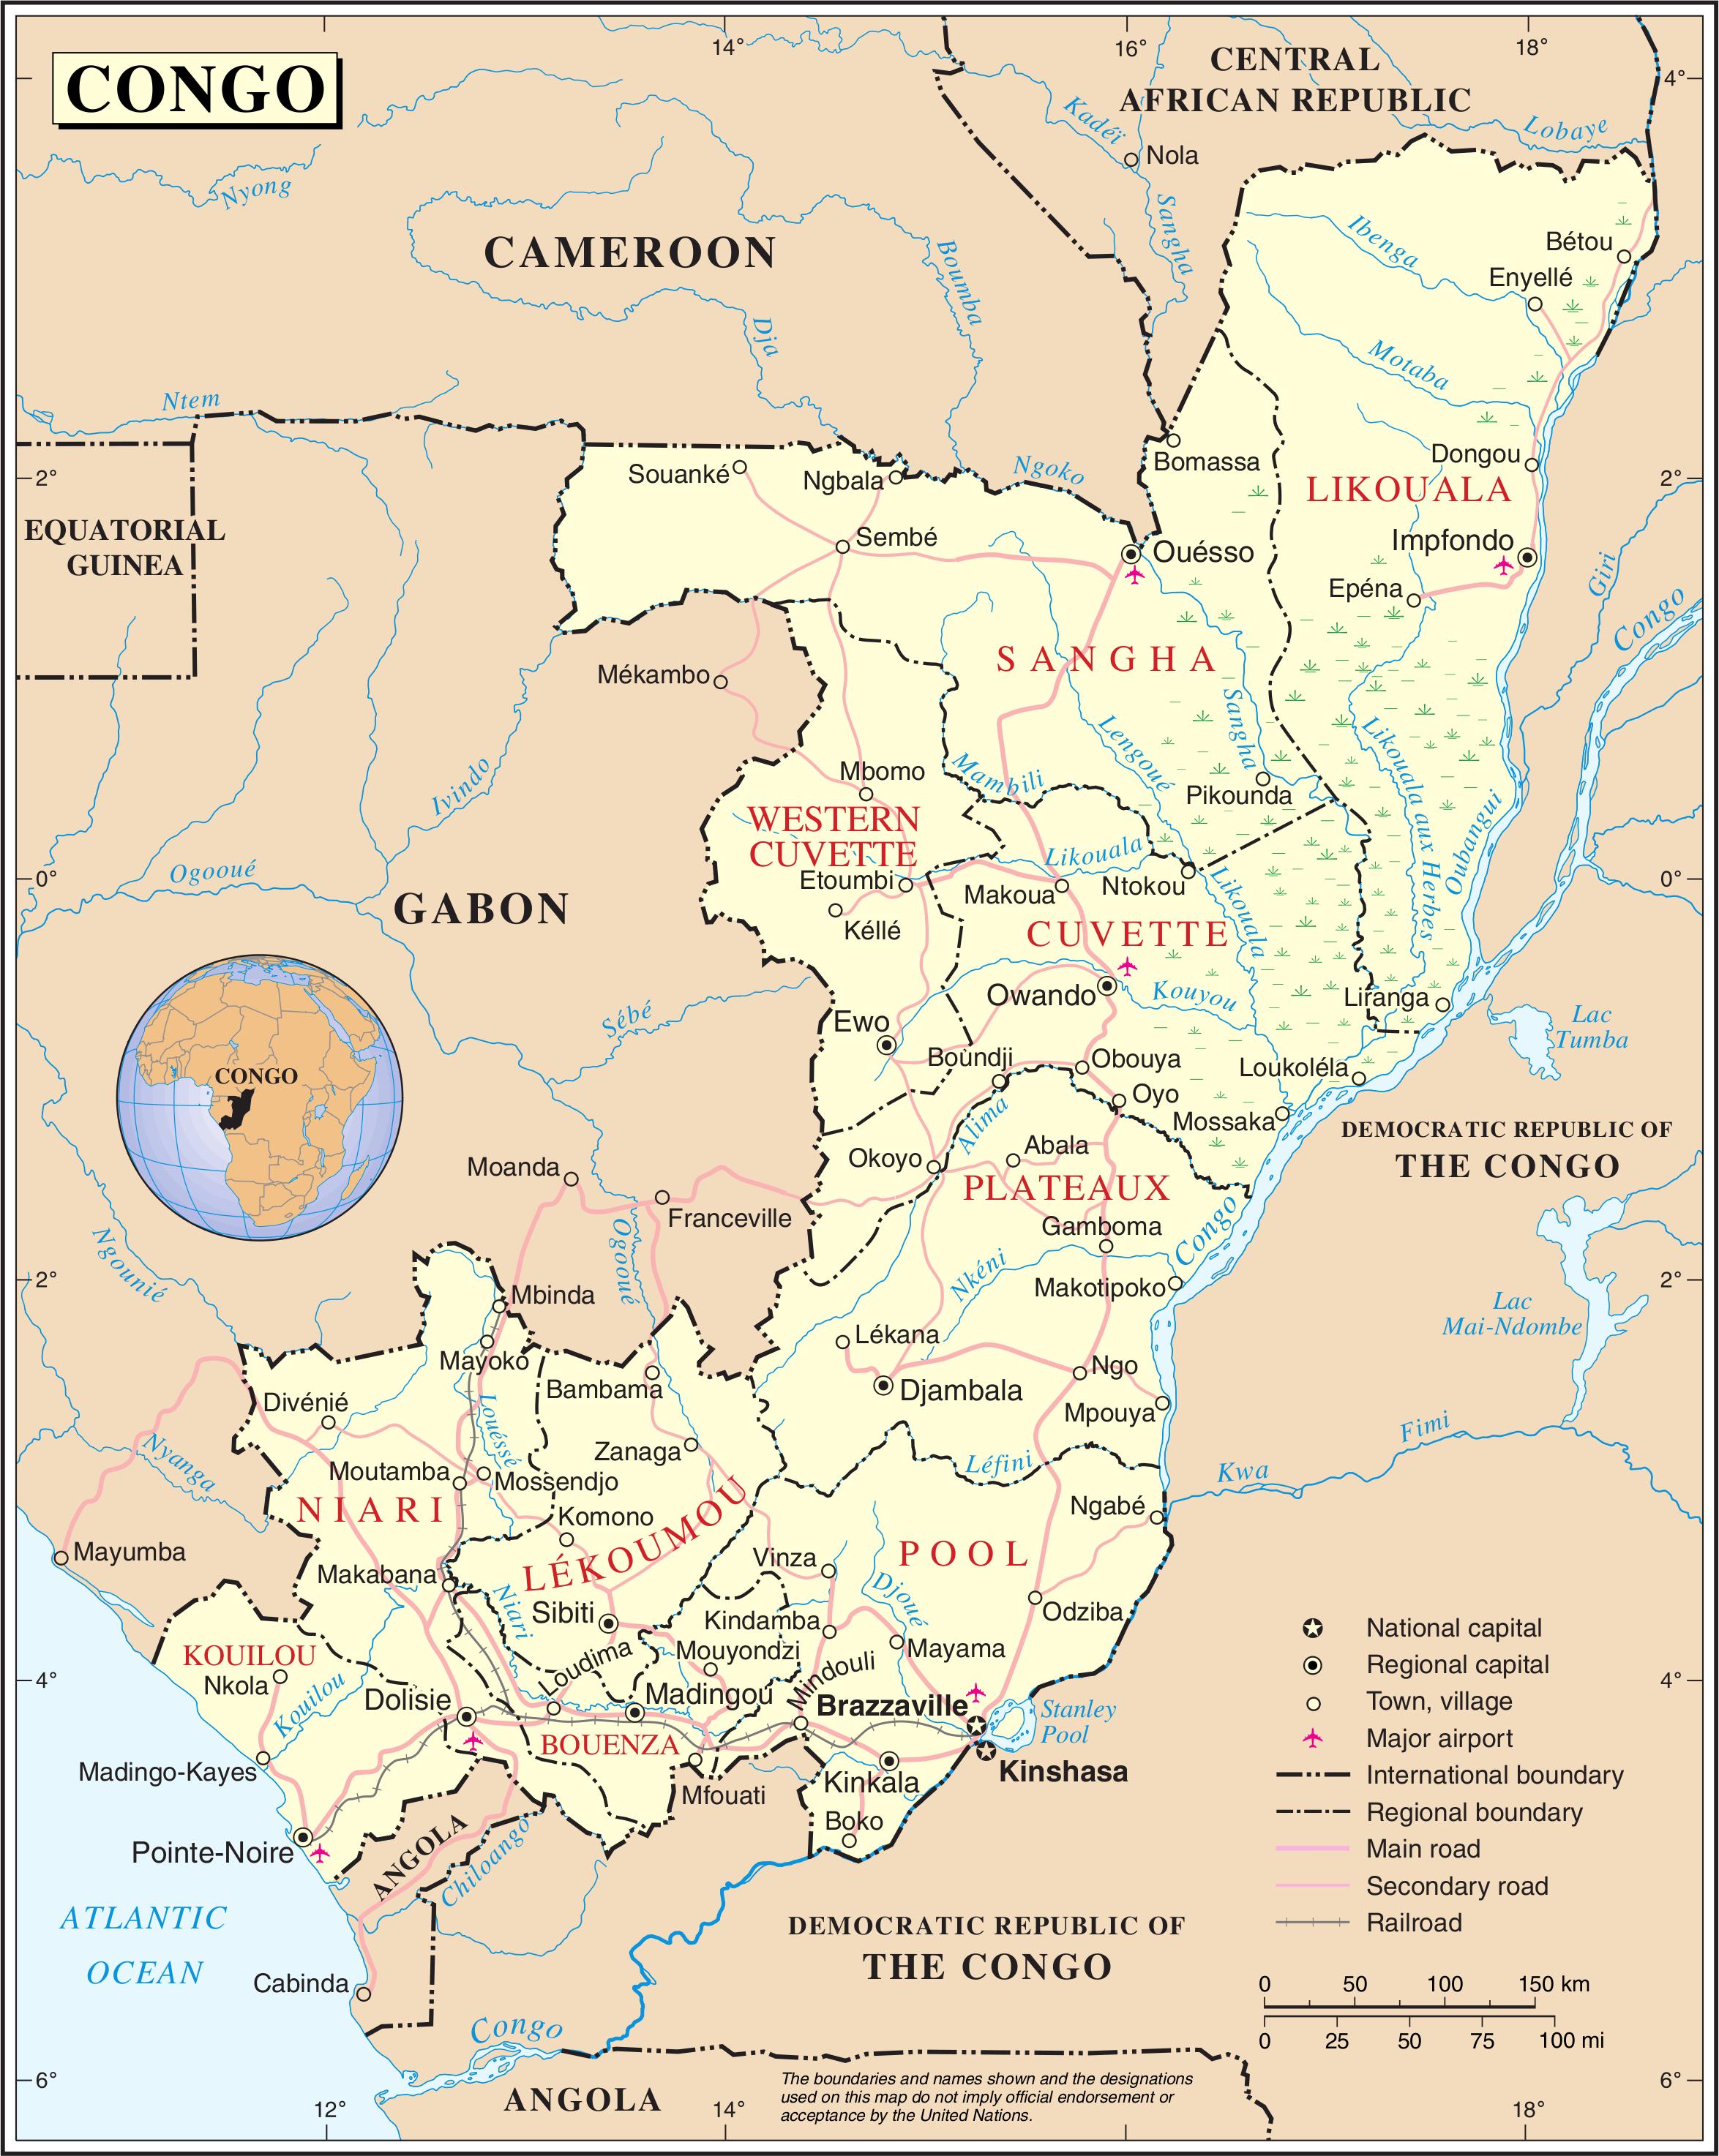 CONGO BRAZZAVILLE MAP